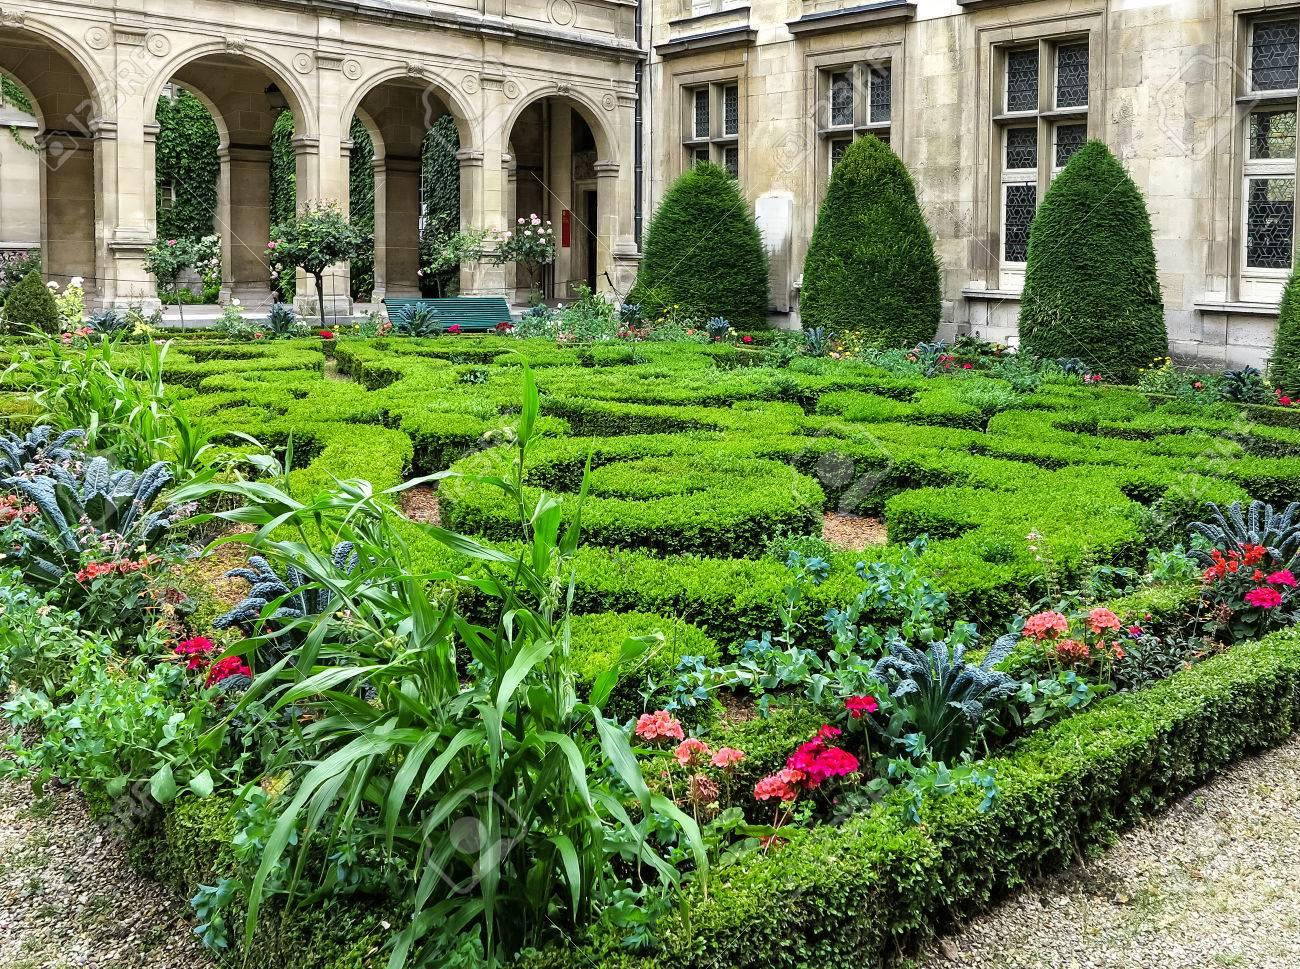 Le Mus E Paris Carnavalet Patio Avec De Beaux Jardins Fleuris Le